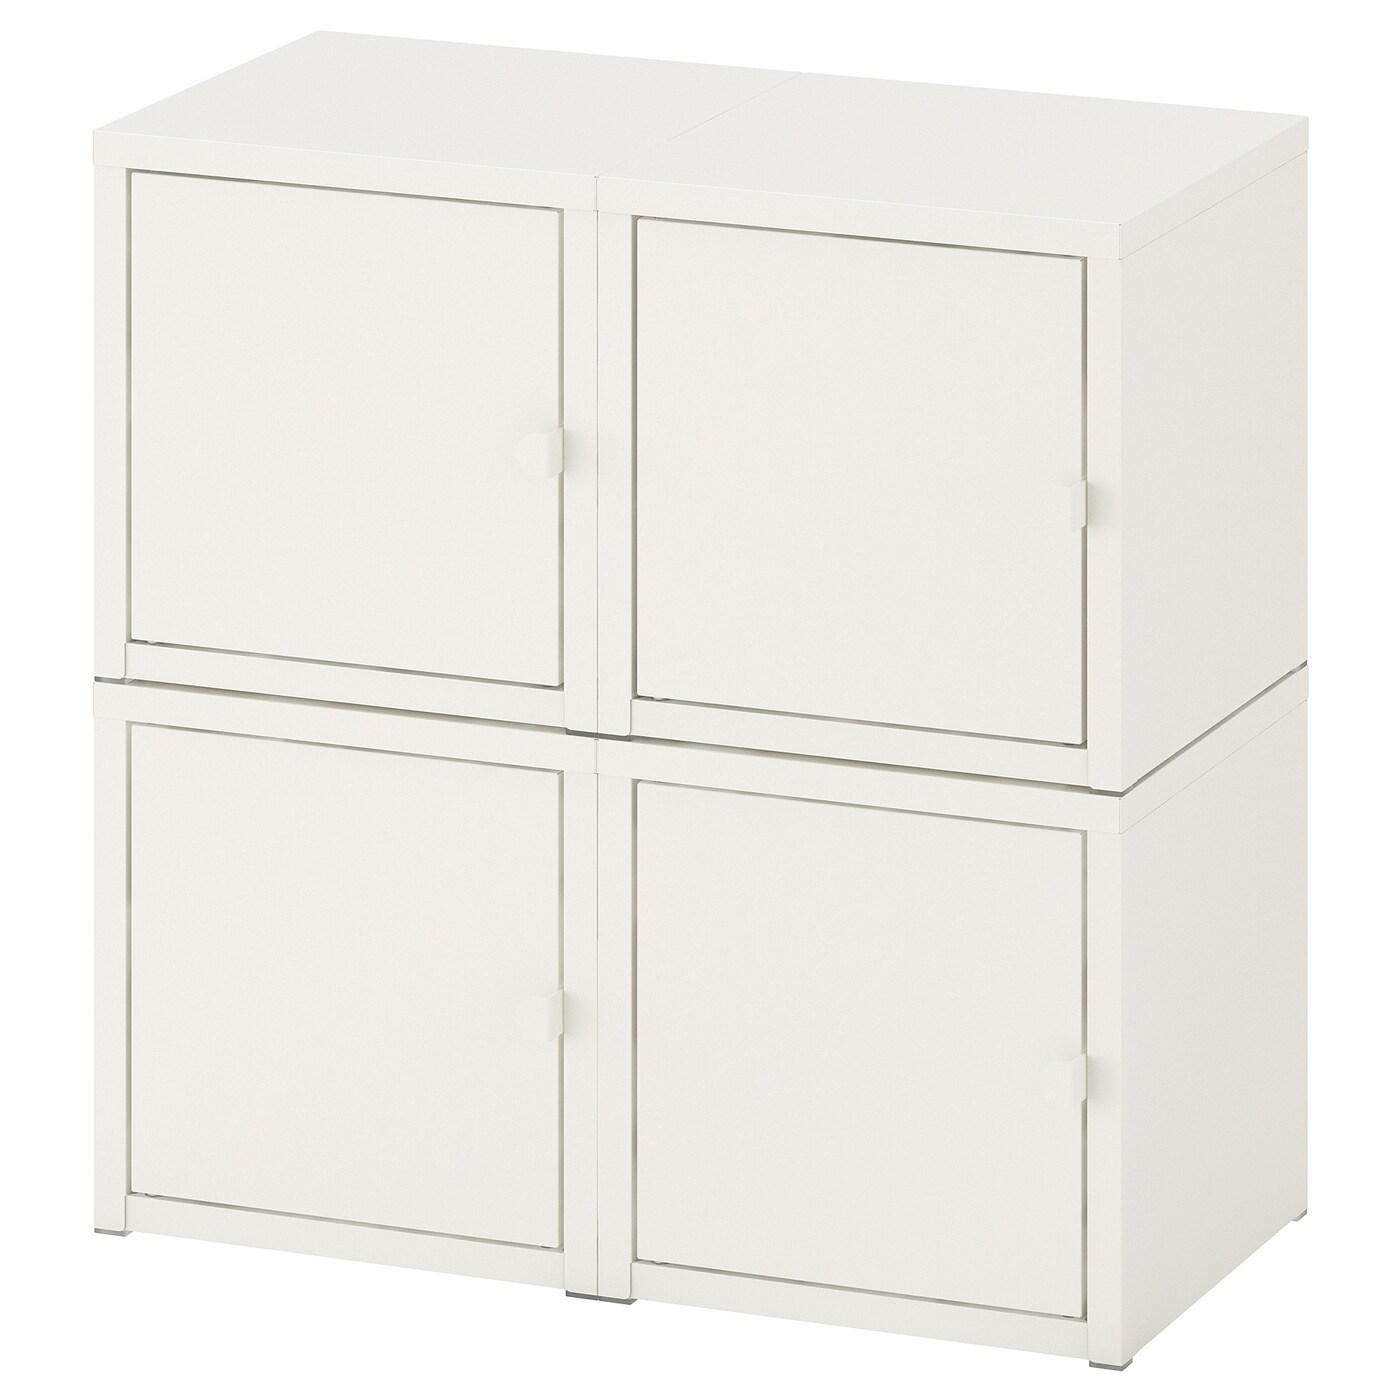 lixhult kastencombinatie voor wandmontage wit 50 x 25 x 50 cm - ikea